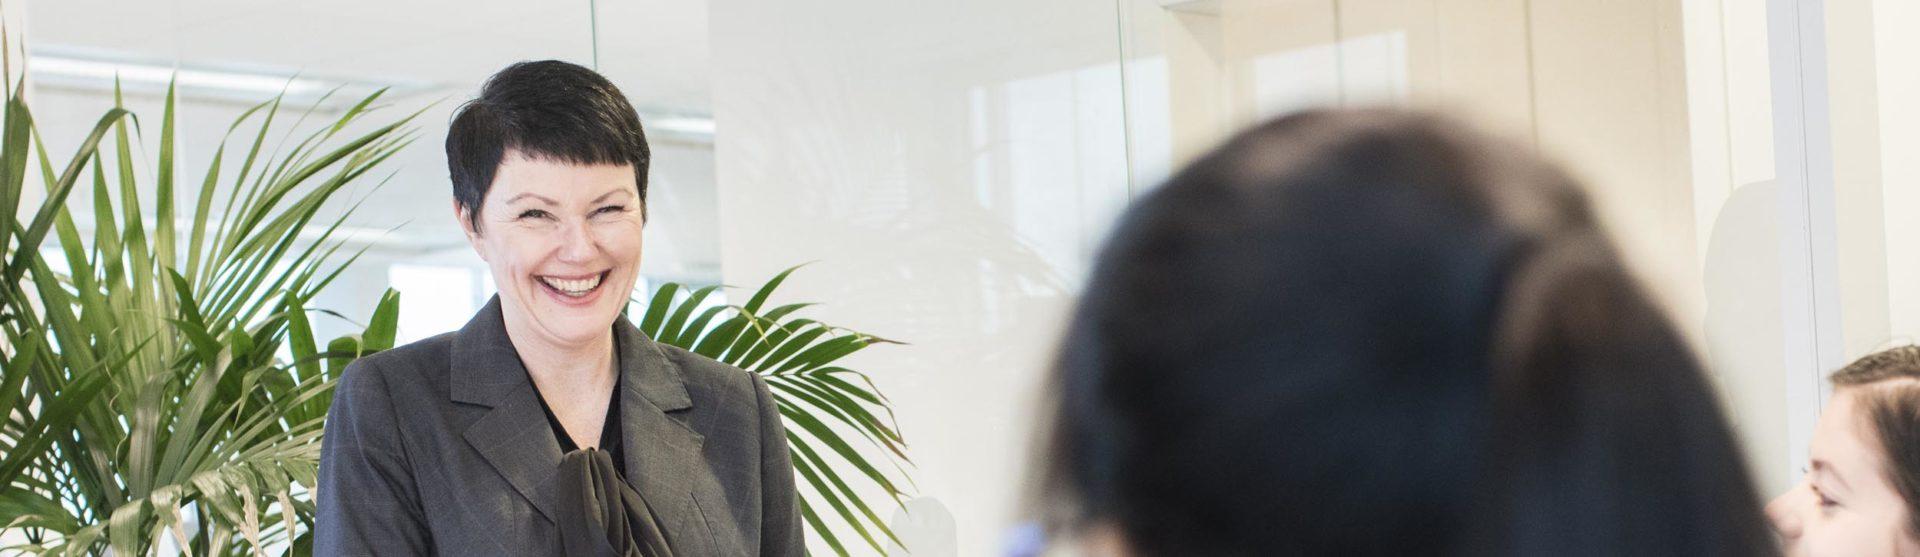 Rekryteringsutbildning: Vi skräddarsyr utbildningar inom fördomsfri och kompetensbaserad rekrytering för företag TNG Evolve - erbjuder kompetensbaserade och fördomsfria rekryteringsutbildningar för företag